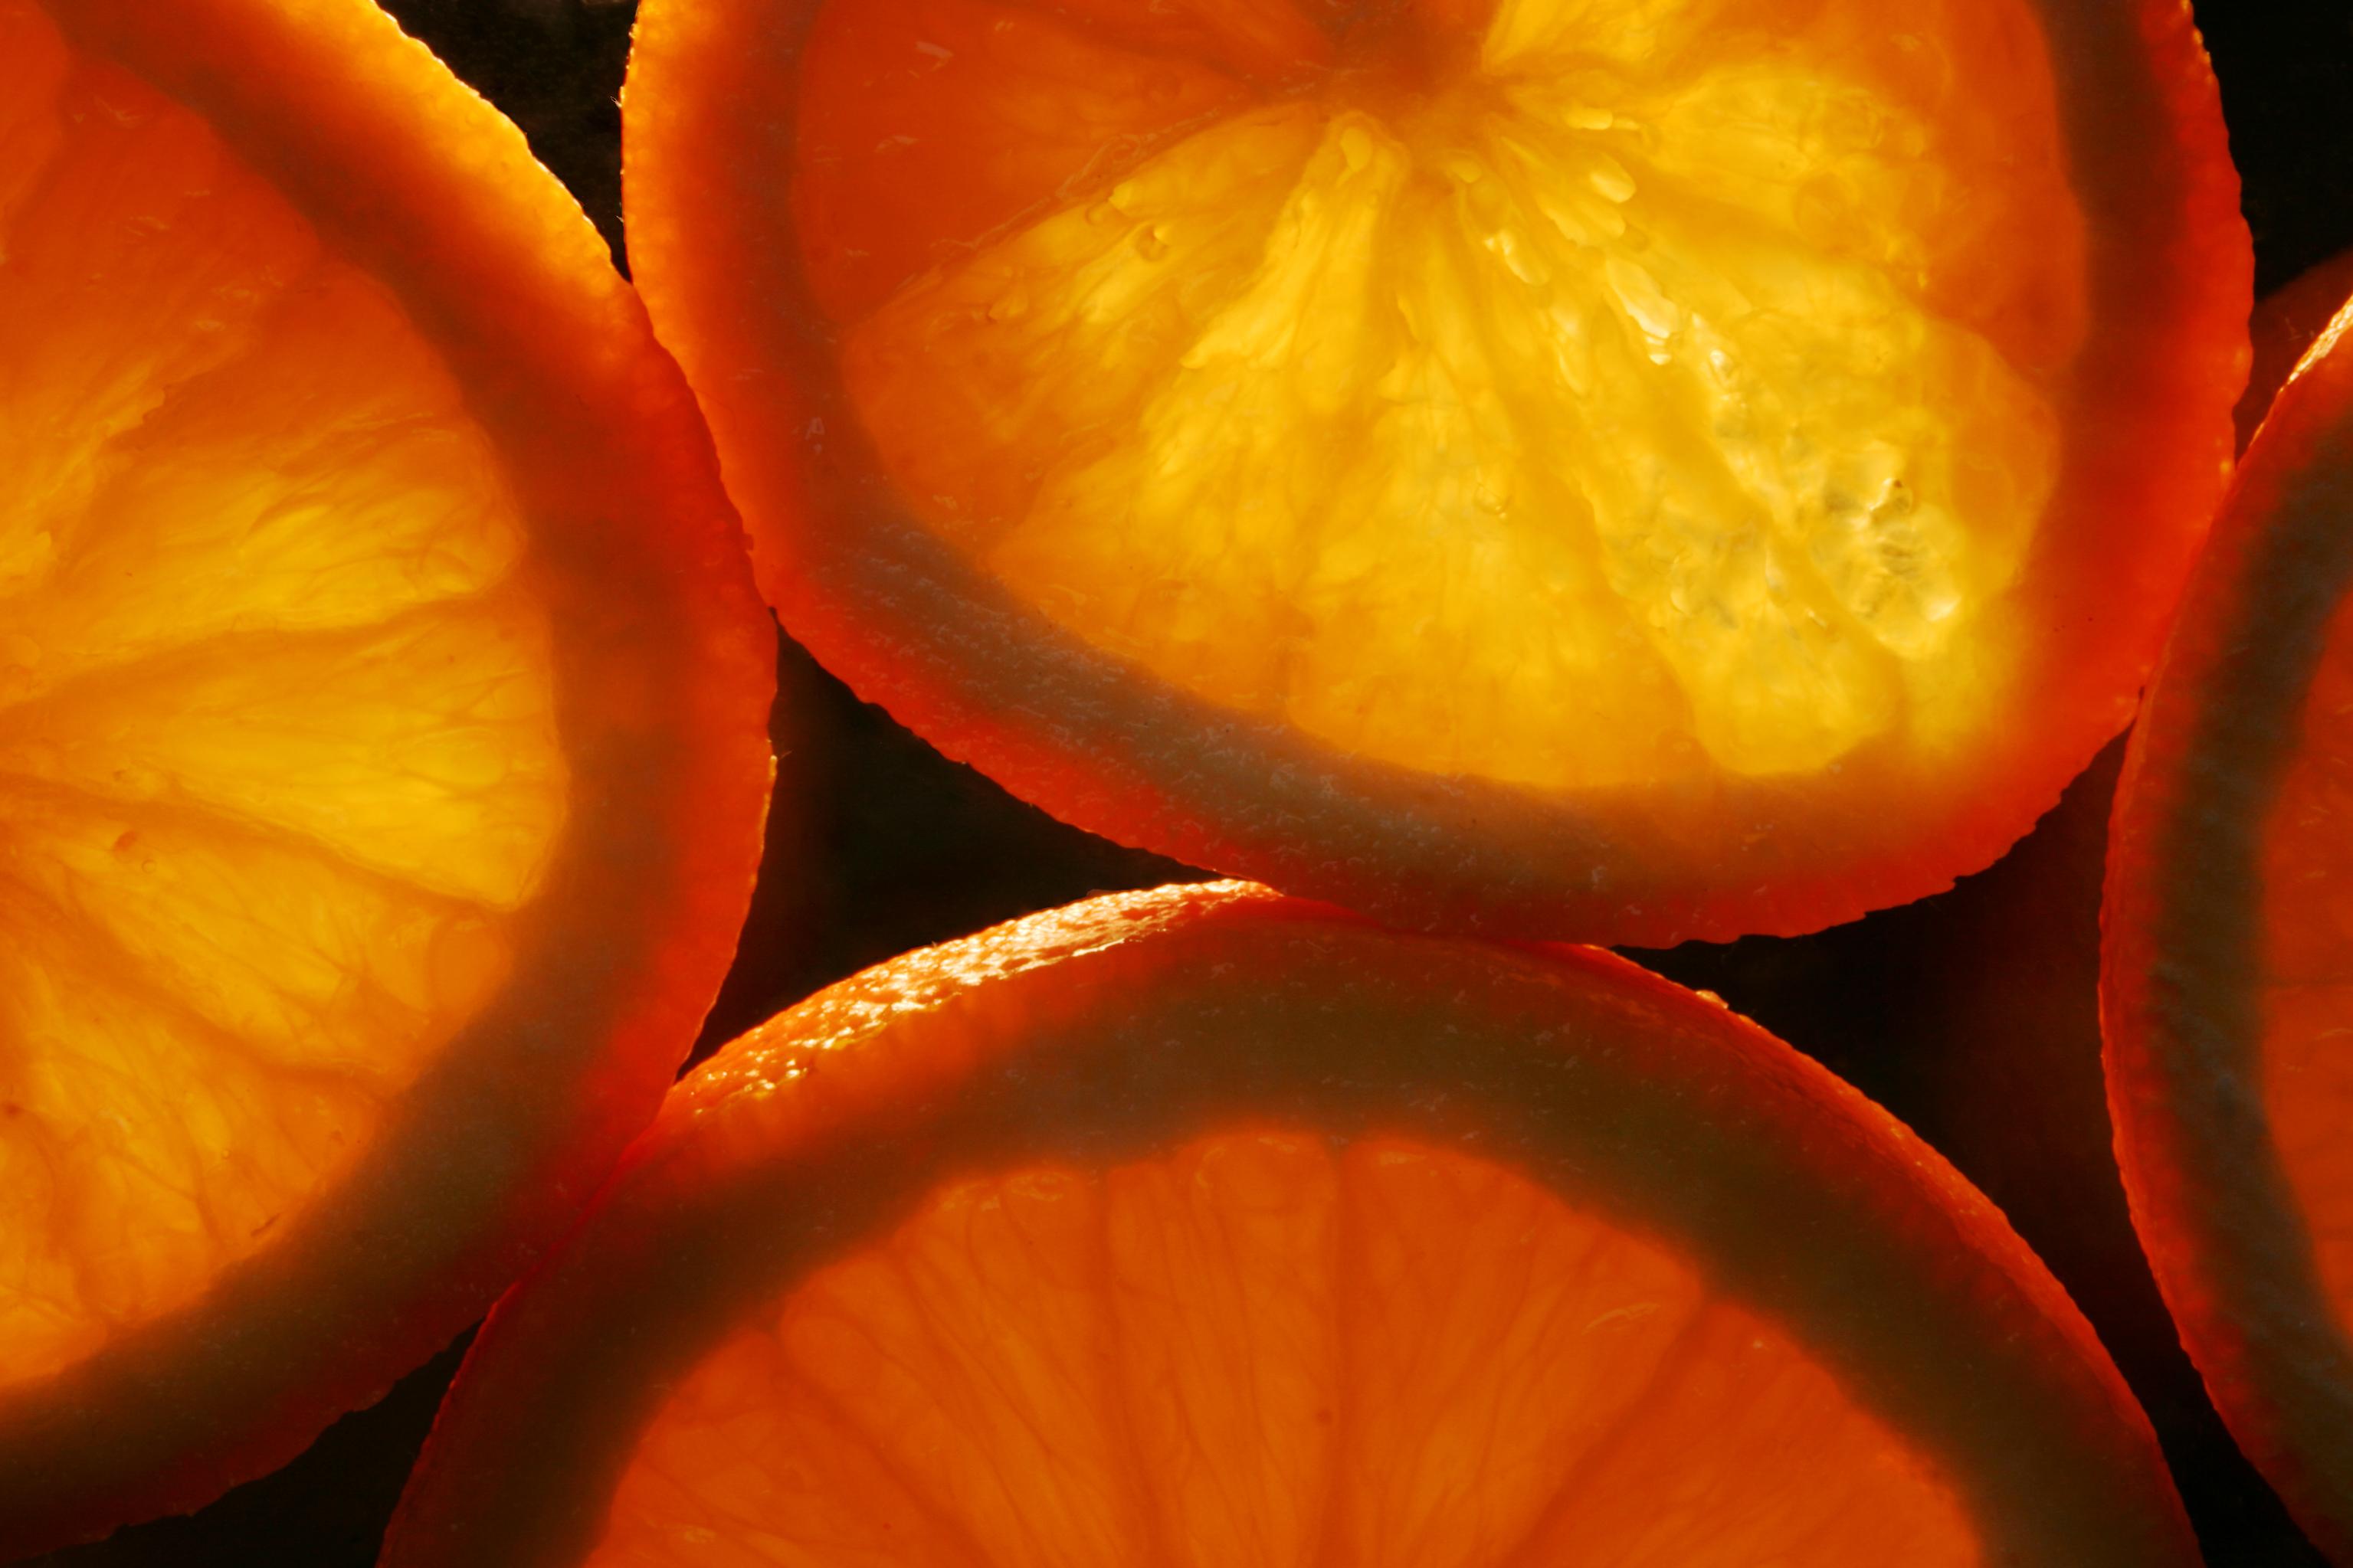 fruit acids from oranges